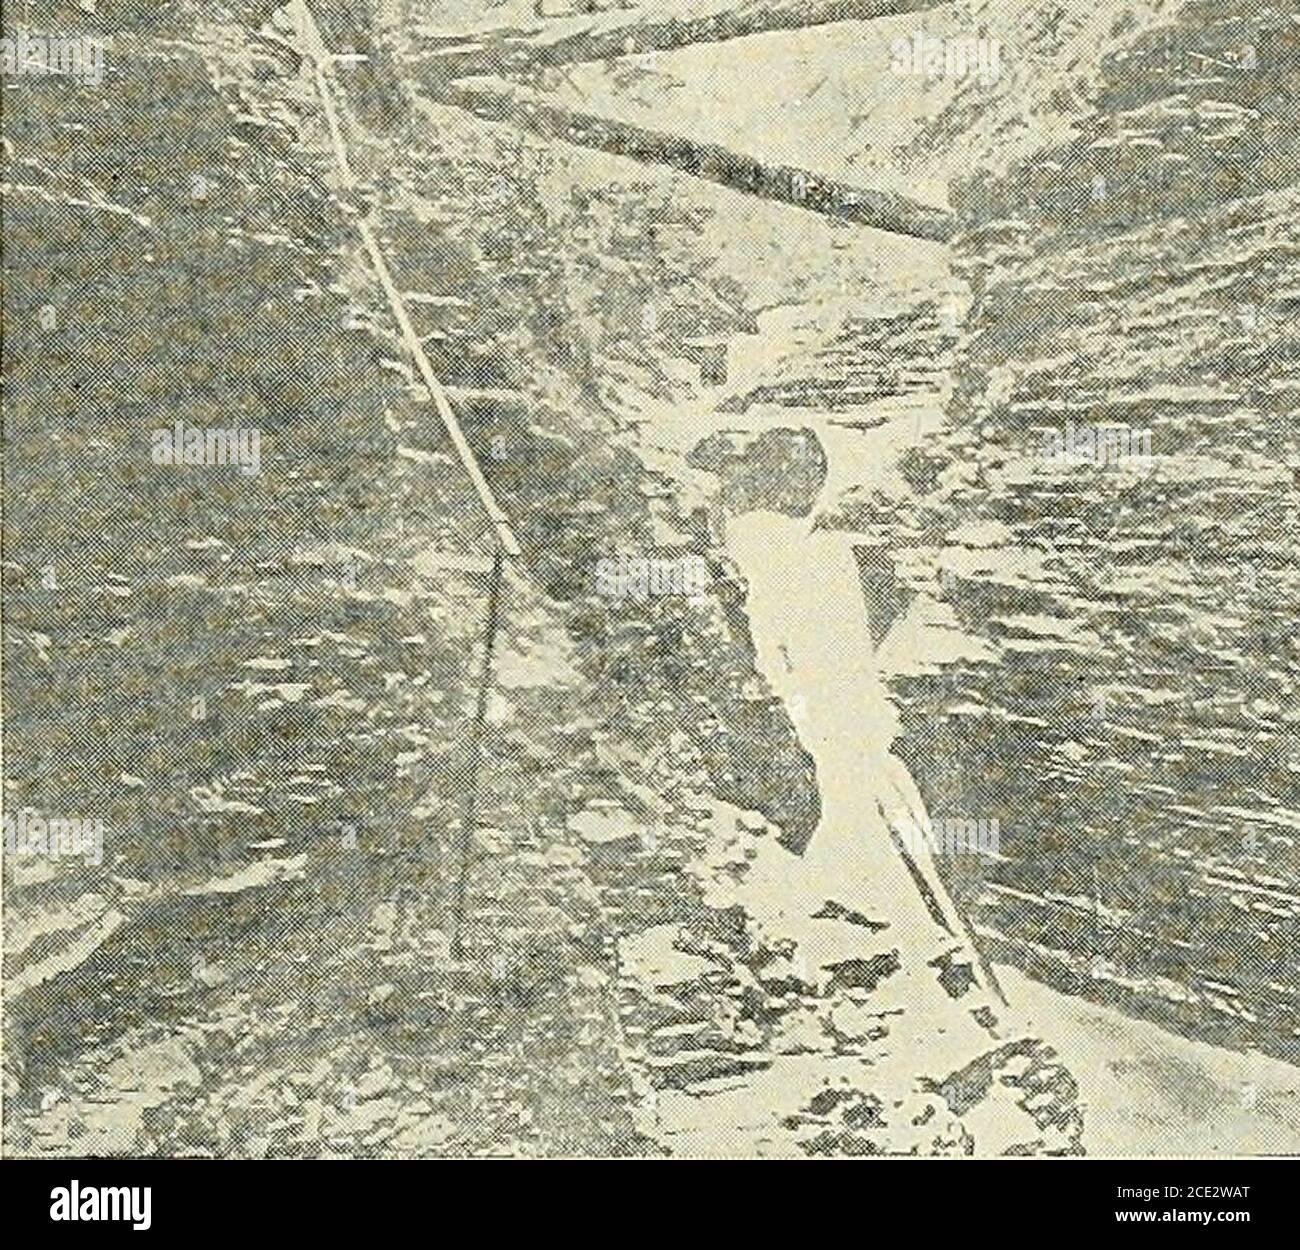 . Géographie physique élémentaire . Figure 132. Au bord des chutes du Niagara. Une vallée ayant des flancs très inclinés au-dessus des chutes et des flancs précipités en dessous, simplement parce qu'ils étaient des vallées prêtes à être faites. On croyait que la croûte terrestre avait été contorsionnée et fissurée, que les inondations océaniques avaient balayé la terre, et que les rivières n'avaient pratiquement aucune part dans la formation des vallées qu'elles occupaient. Nous savons maintenant que la grande-ville des rivières a formé leurs propres vallées, qu'elles les ont bien formées de façon très lente, et que la plupart d'entre elles sont DES VALLÉES FLUVIALES. 265 toujours engagé dans la wor Banque D'Images